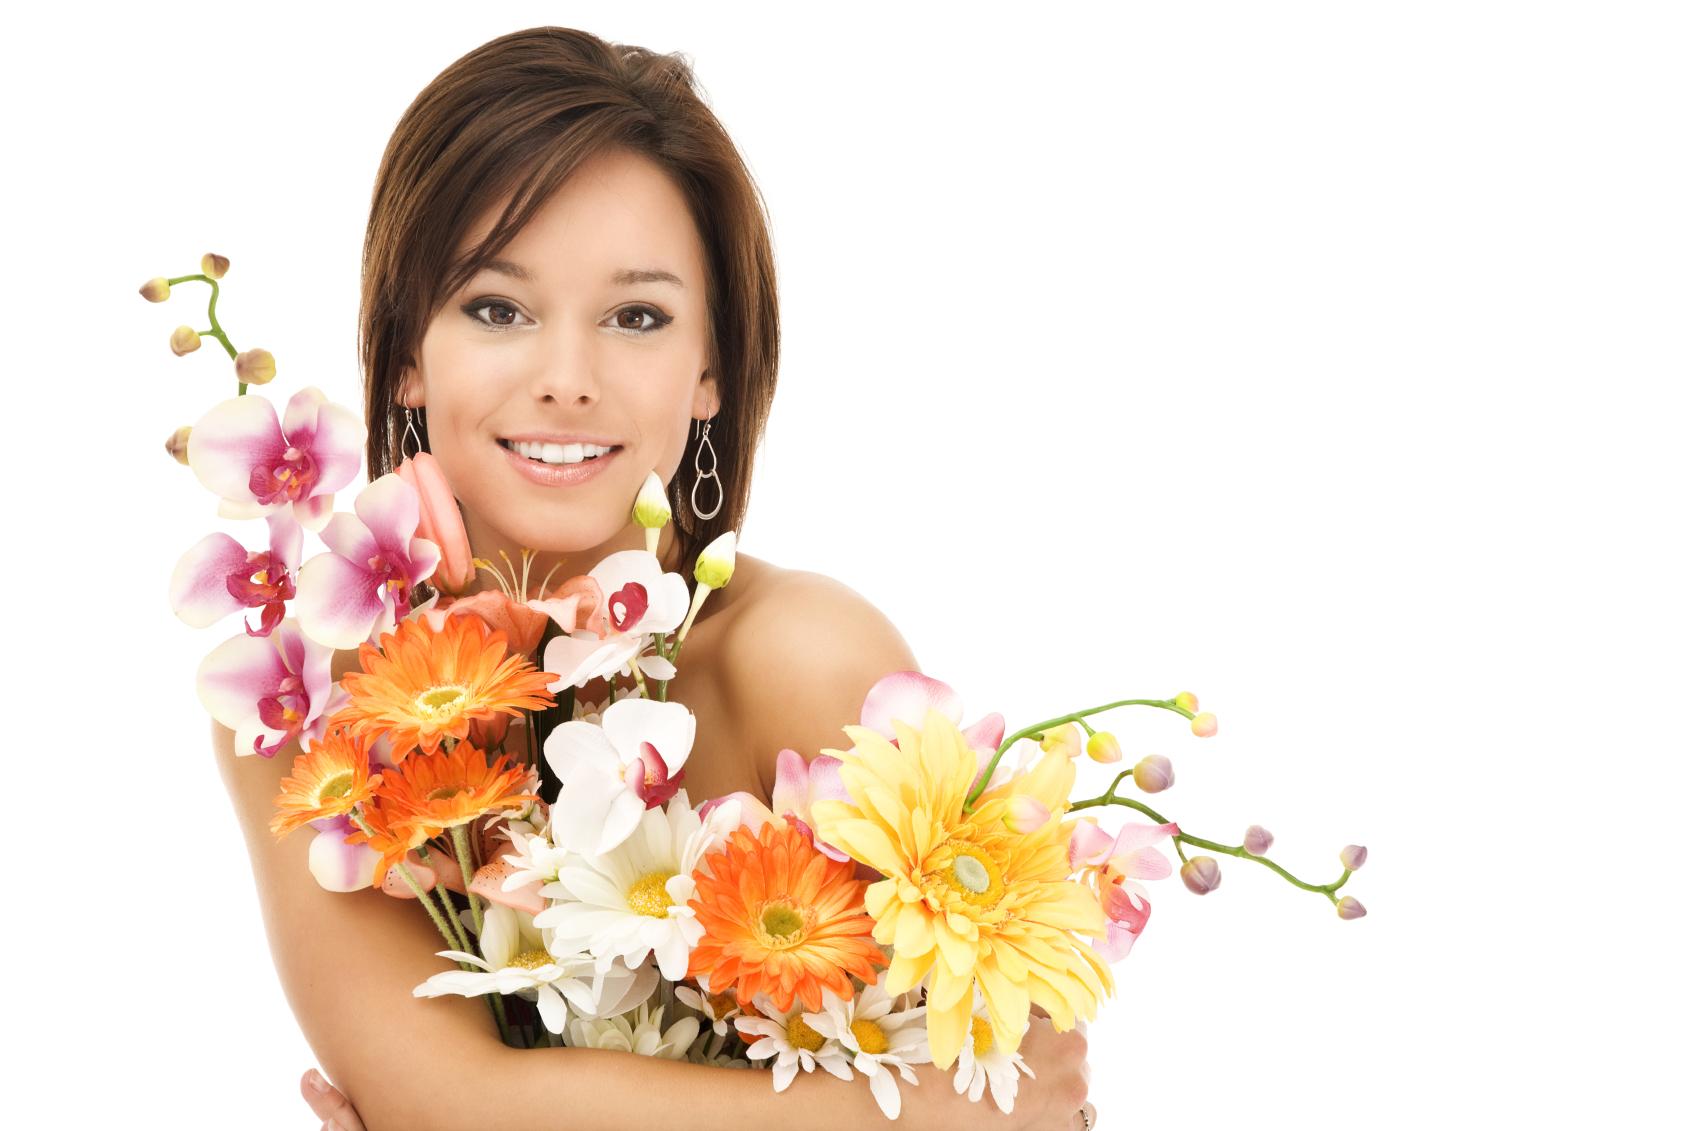 flores-para-uma-mulher.jpg